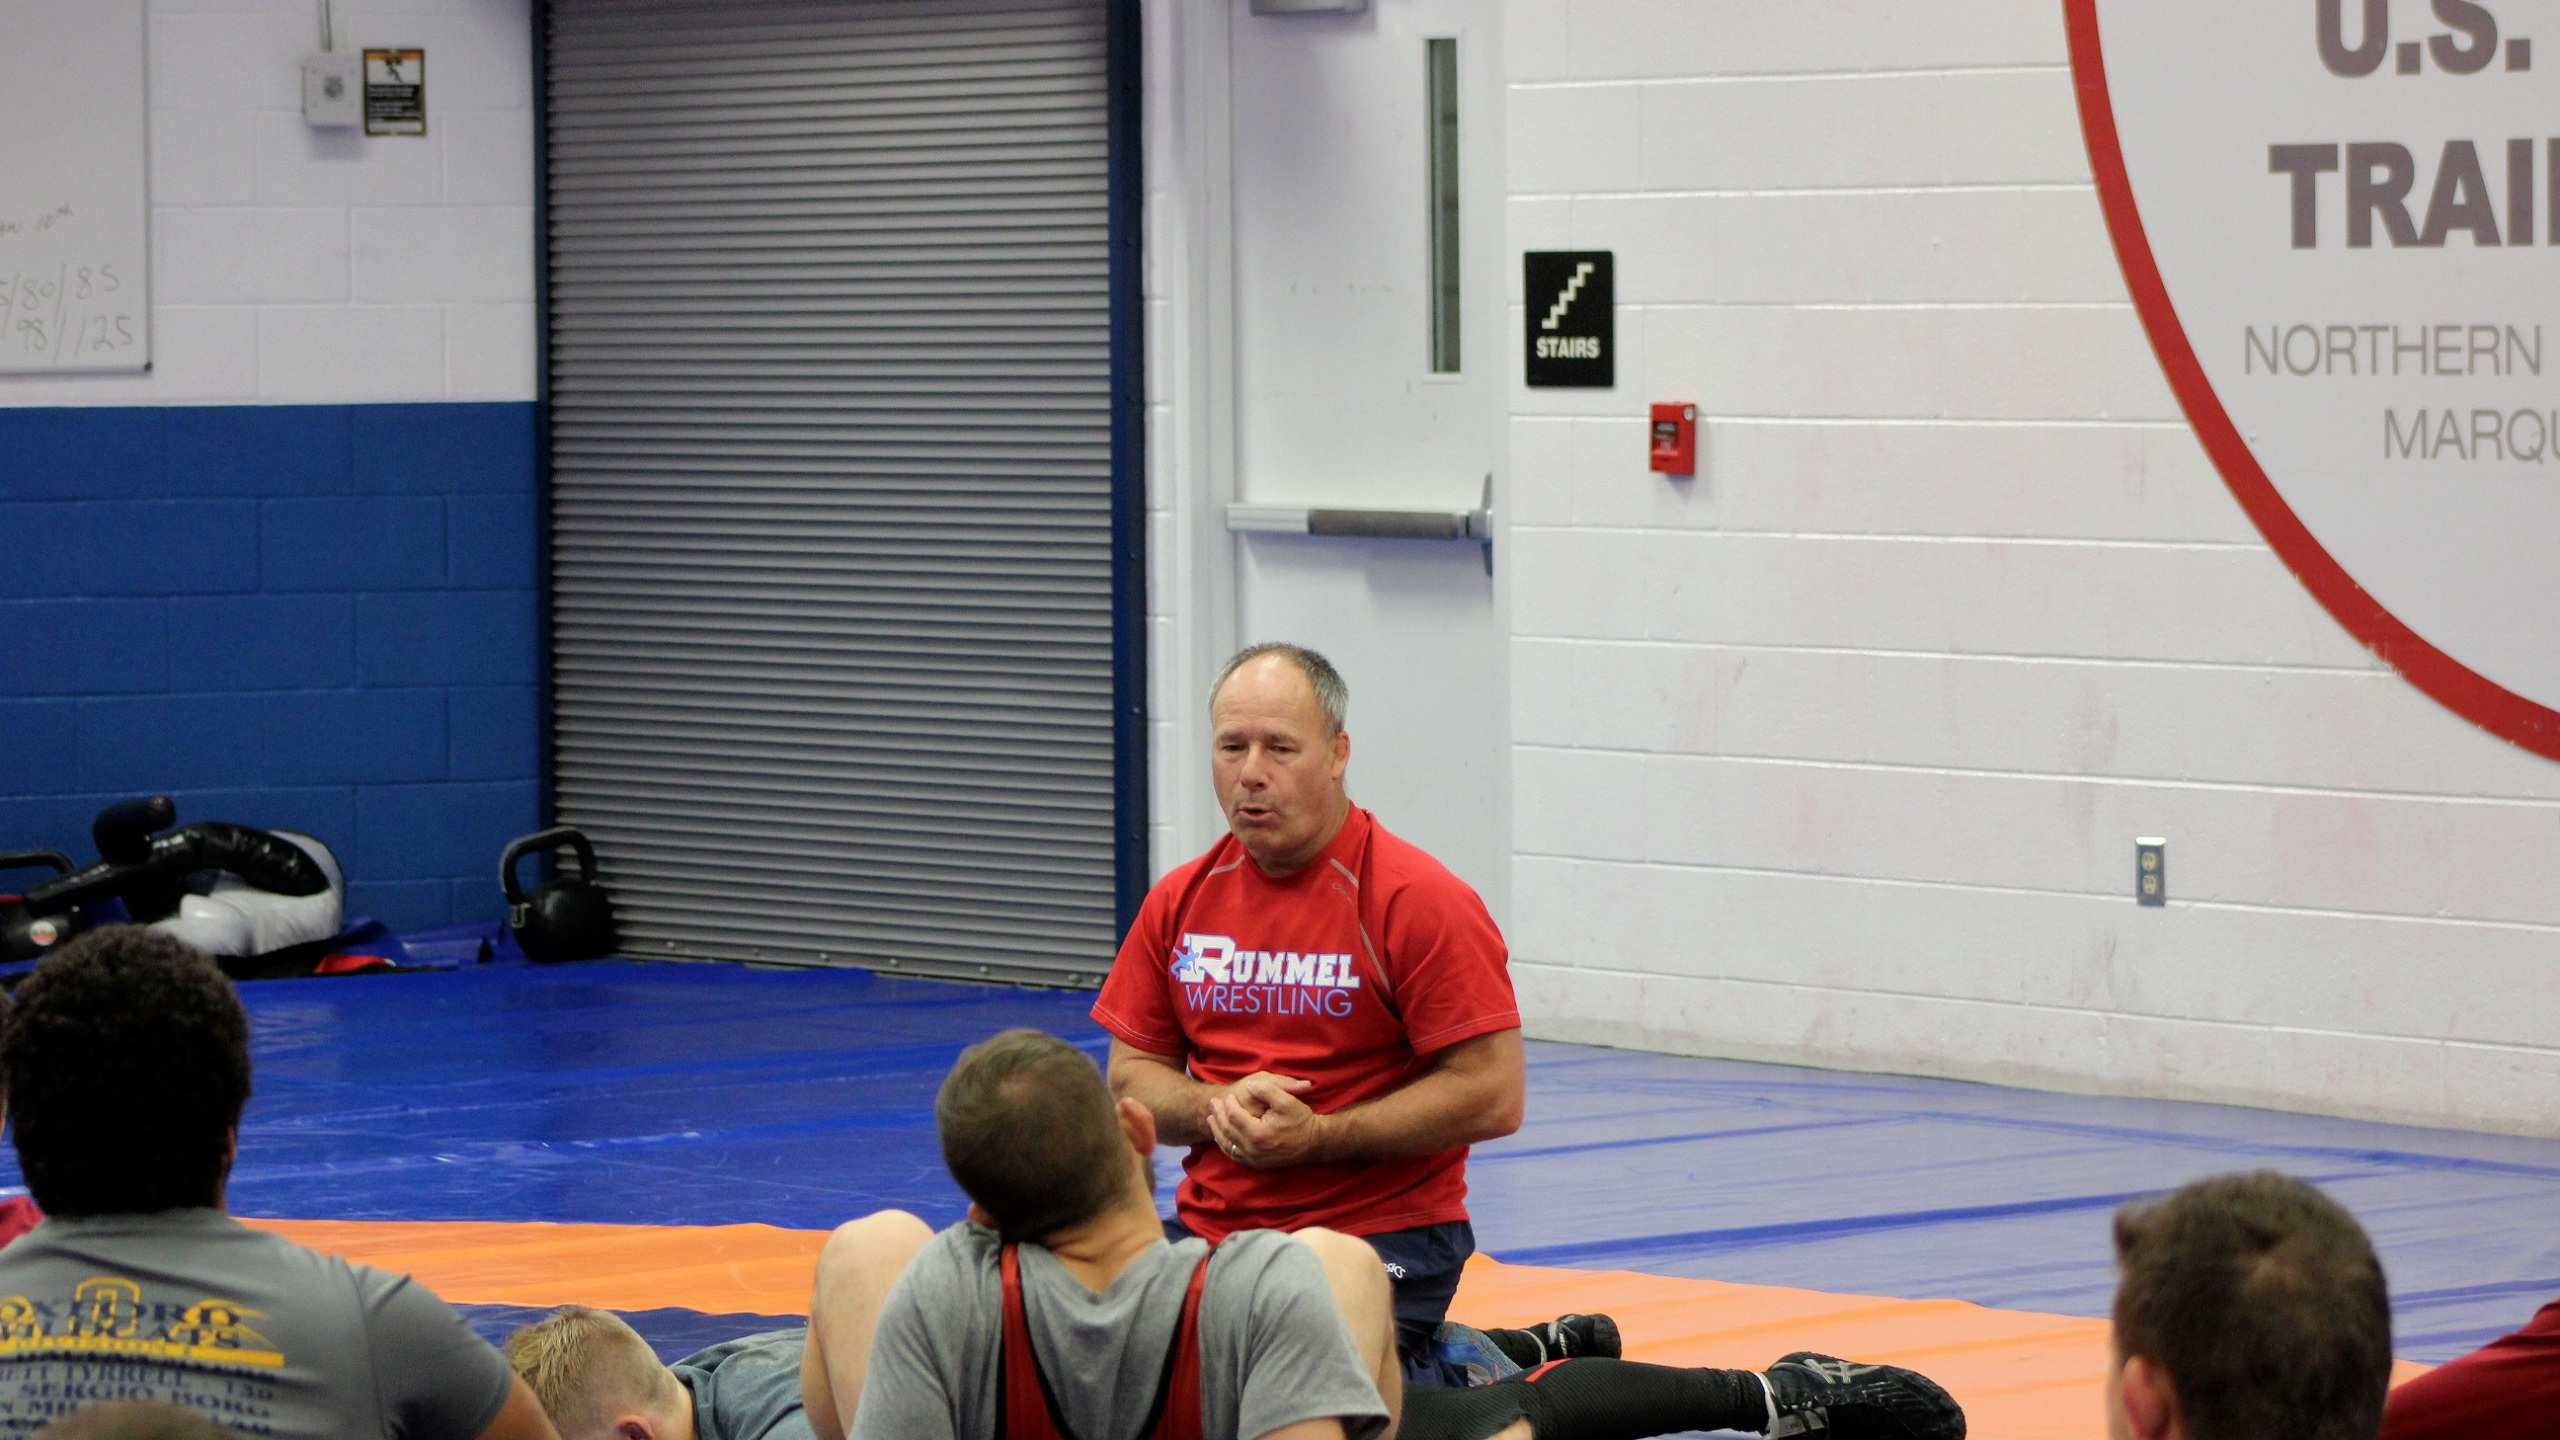 Coach Hermann2_1504815865456.jpg